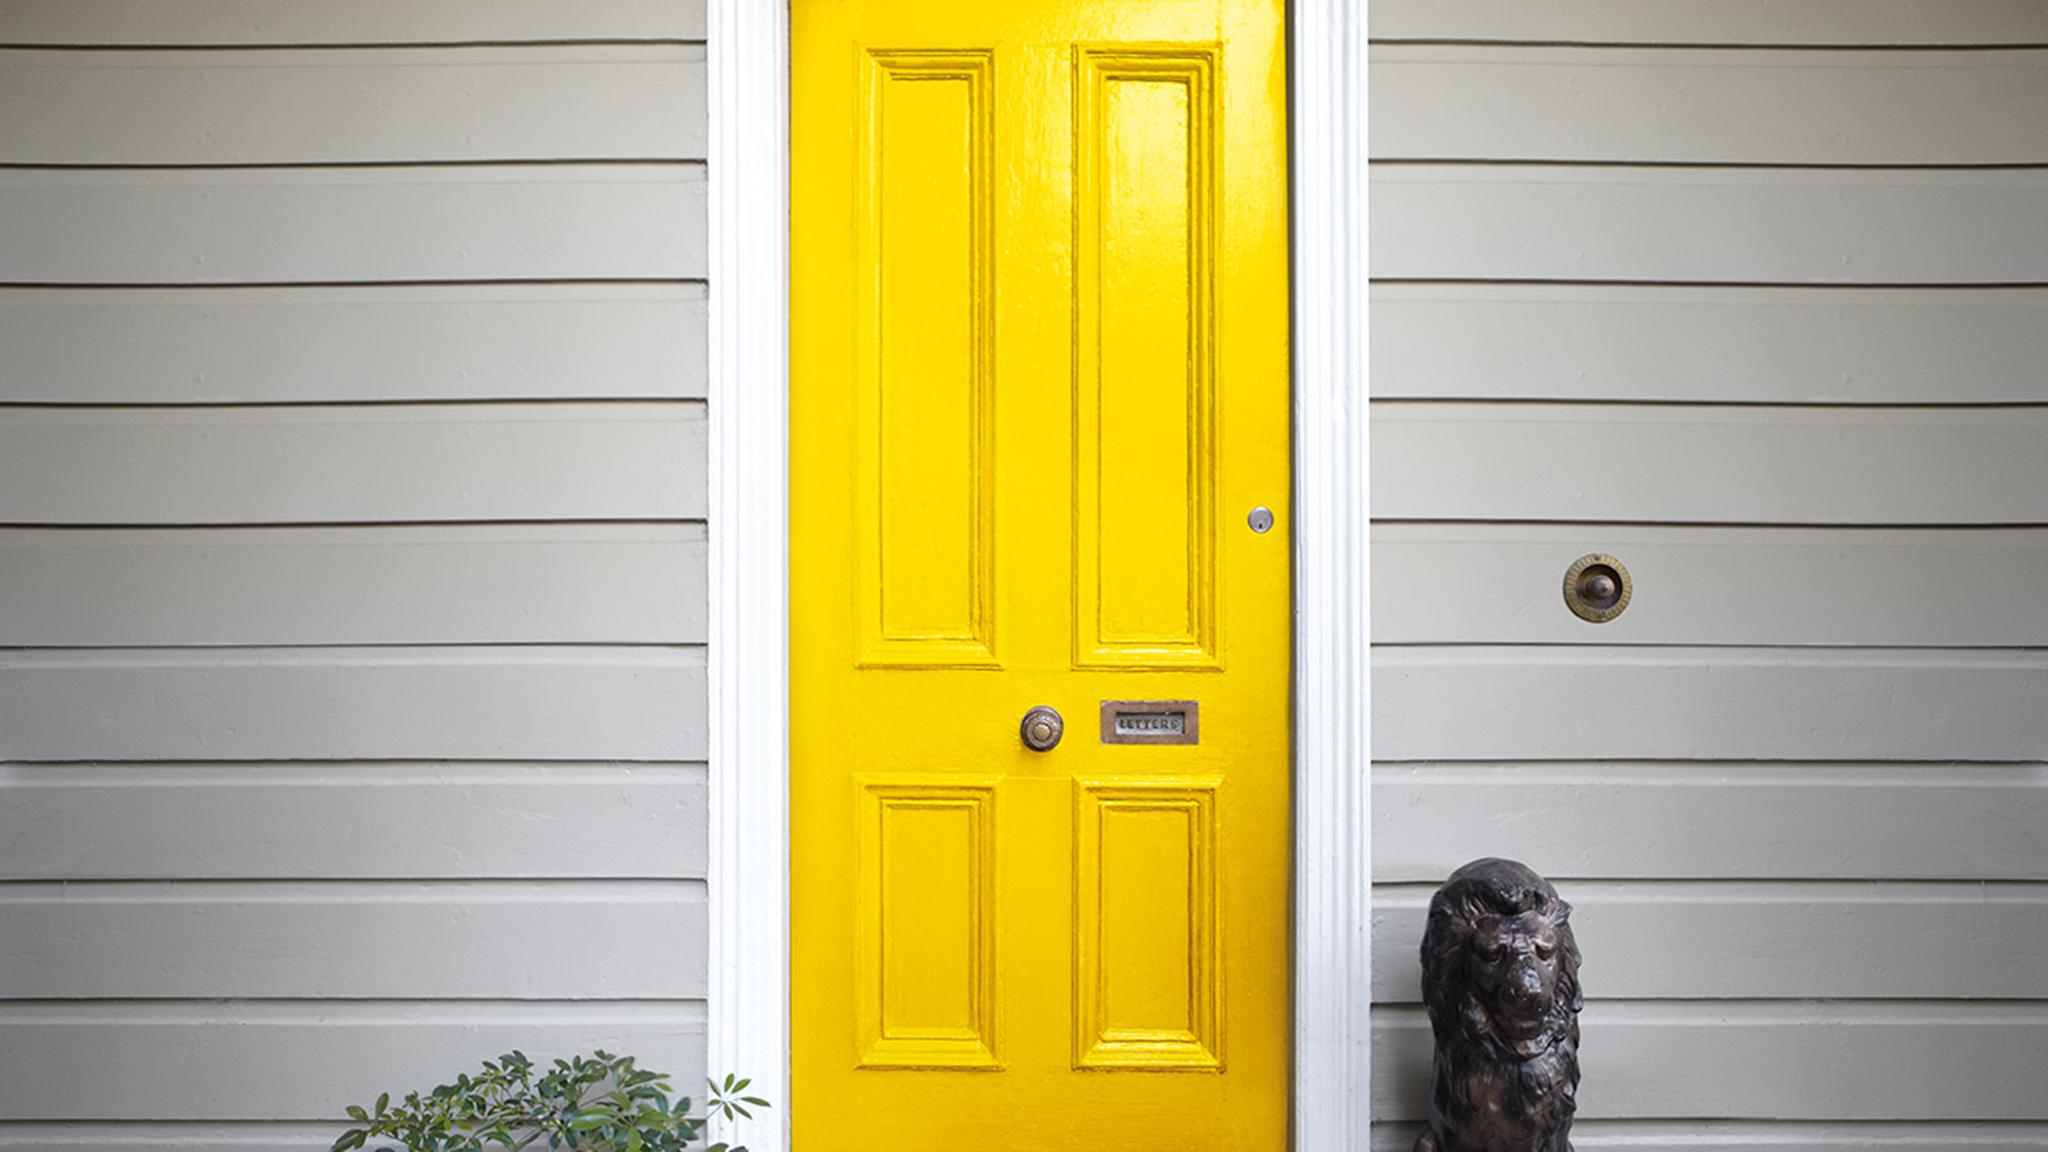 RW_KH_Door_2048x1152